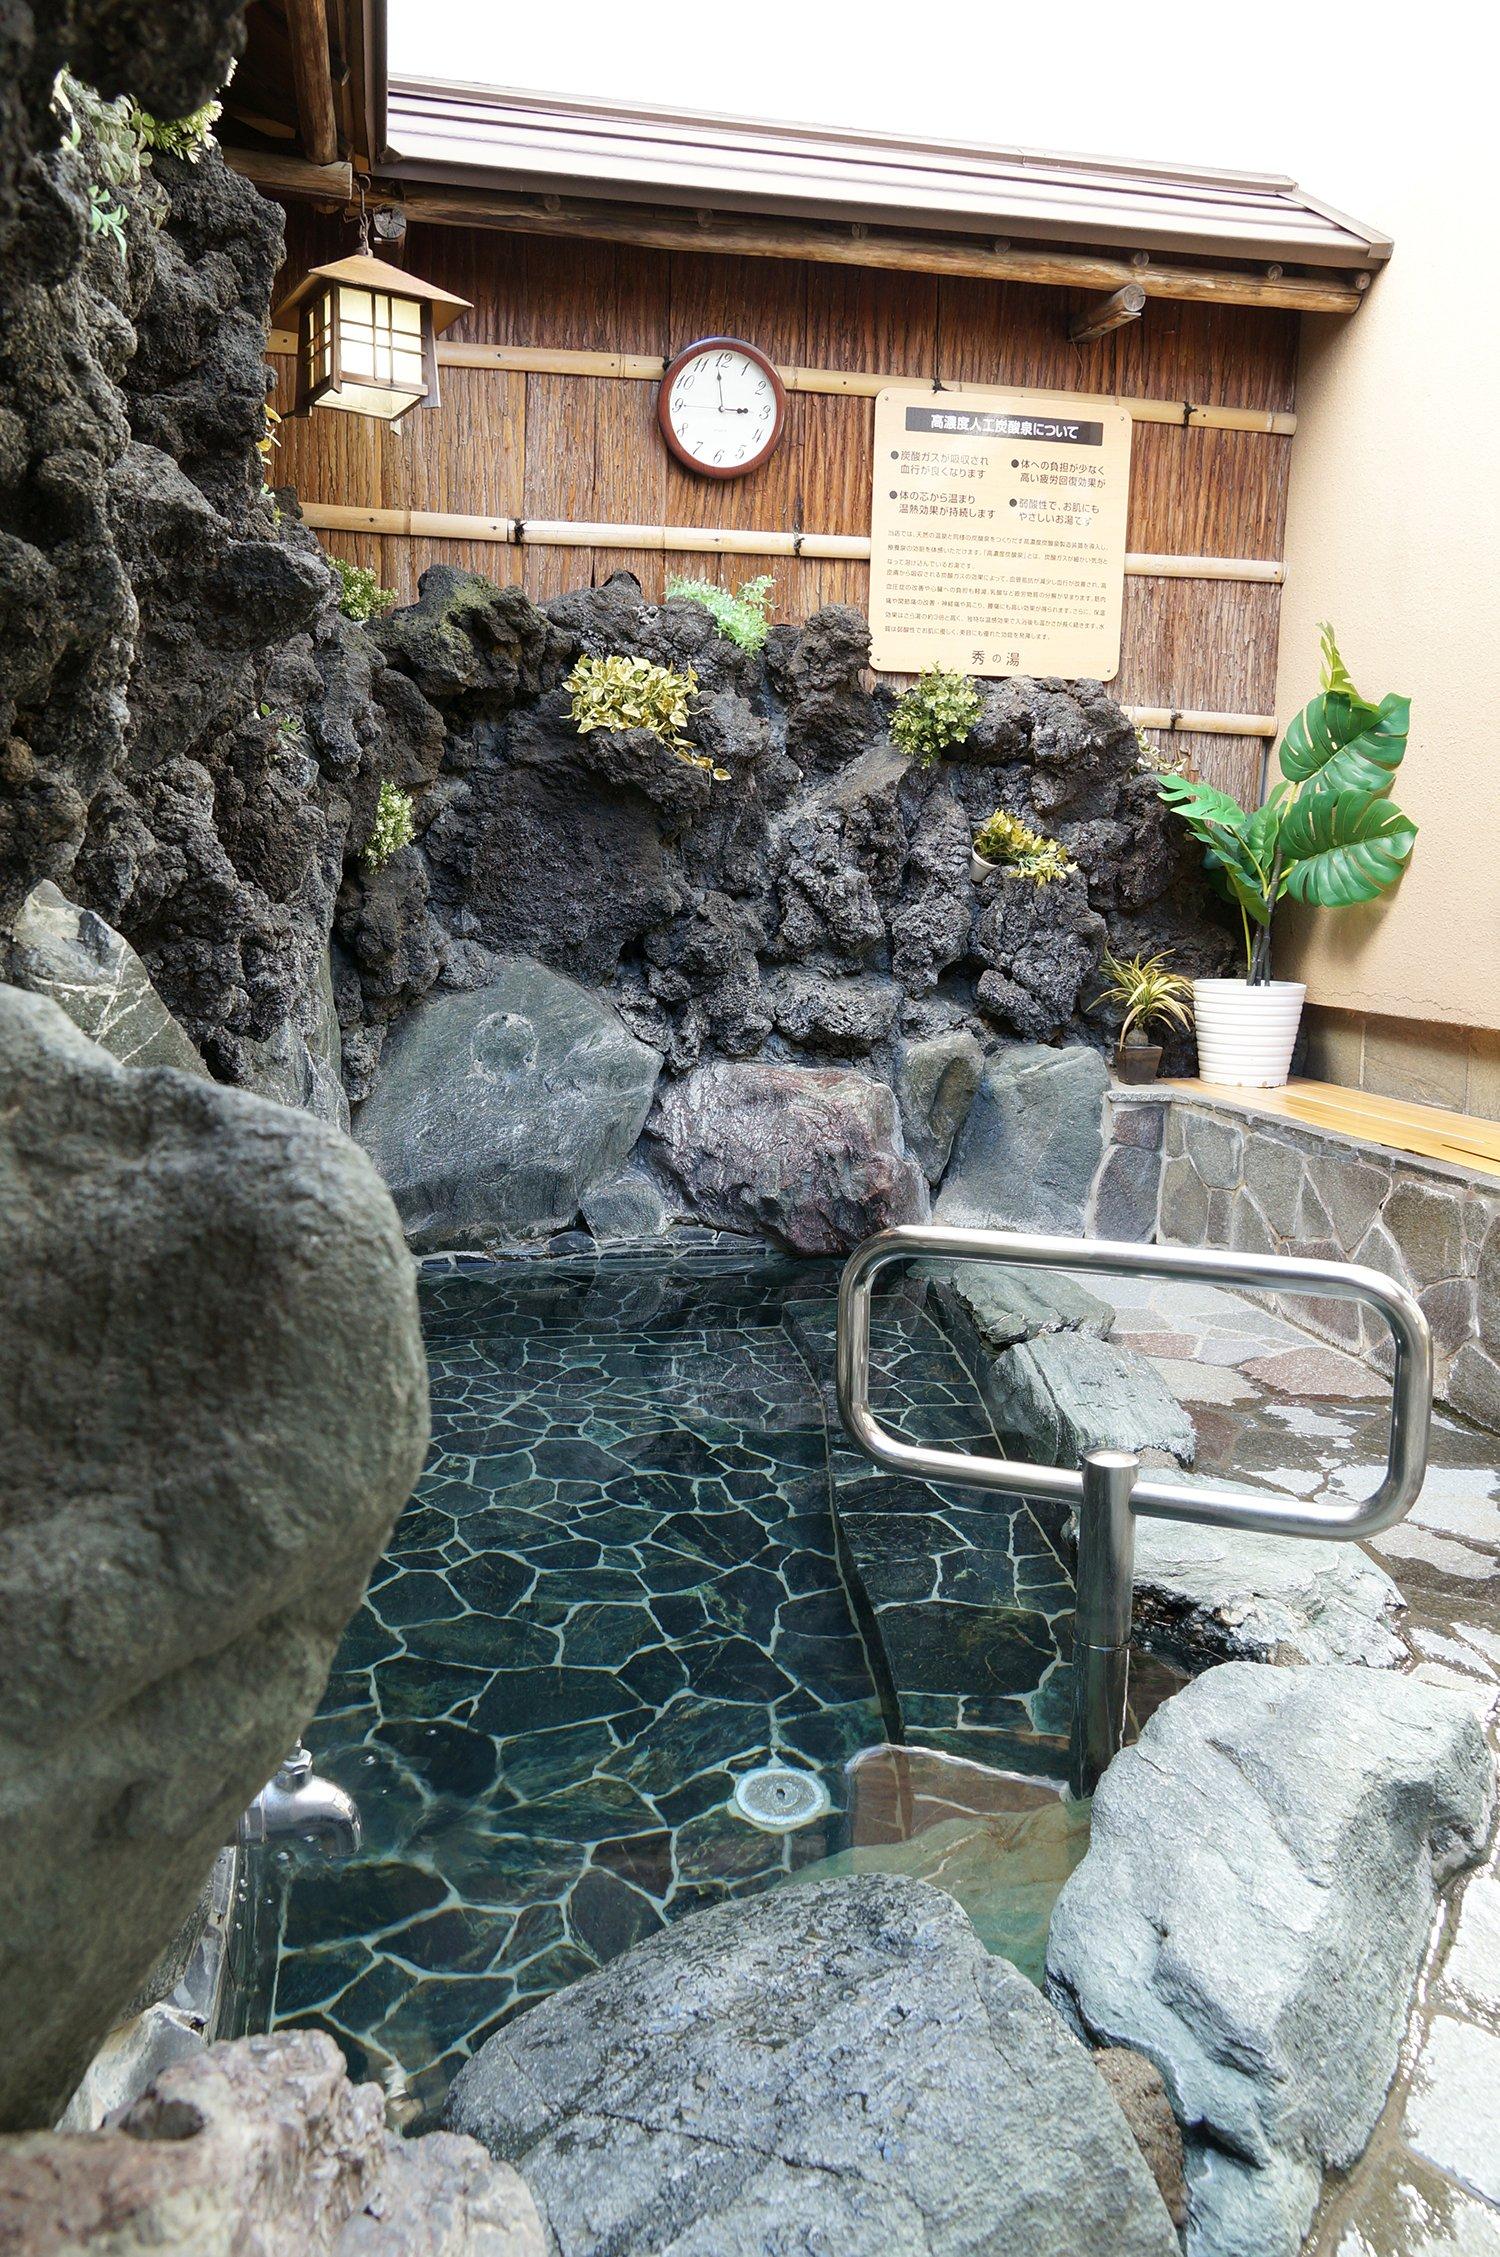 炭酸泉の露天風呂。人気のお湯なので譲り合ってほしい。